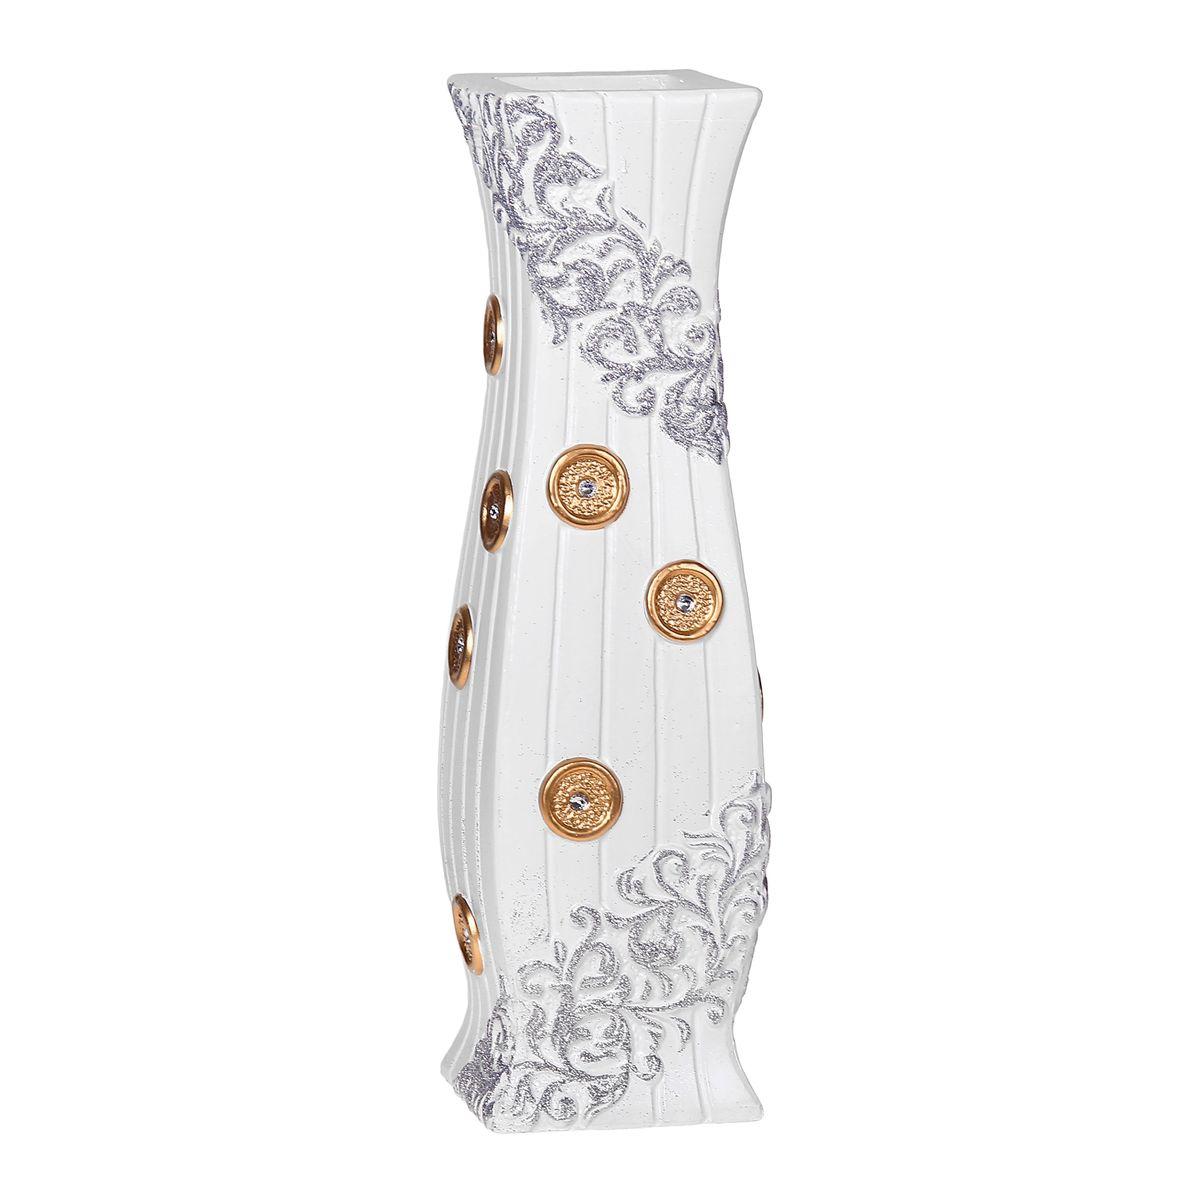 Ваза керамика напольная 60 см пуговица белая 10449601044960Керамика